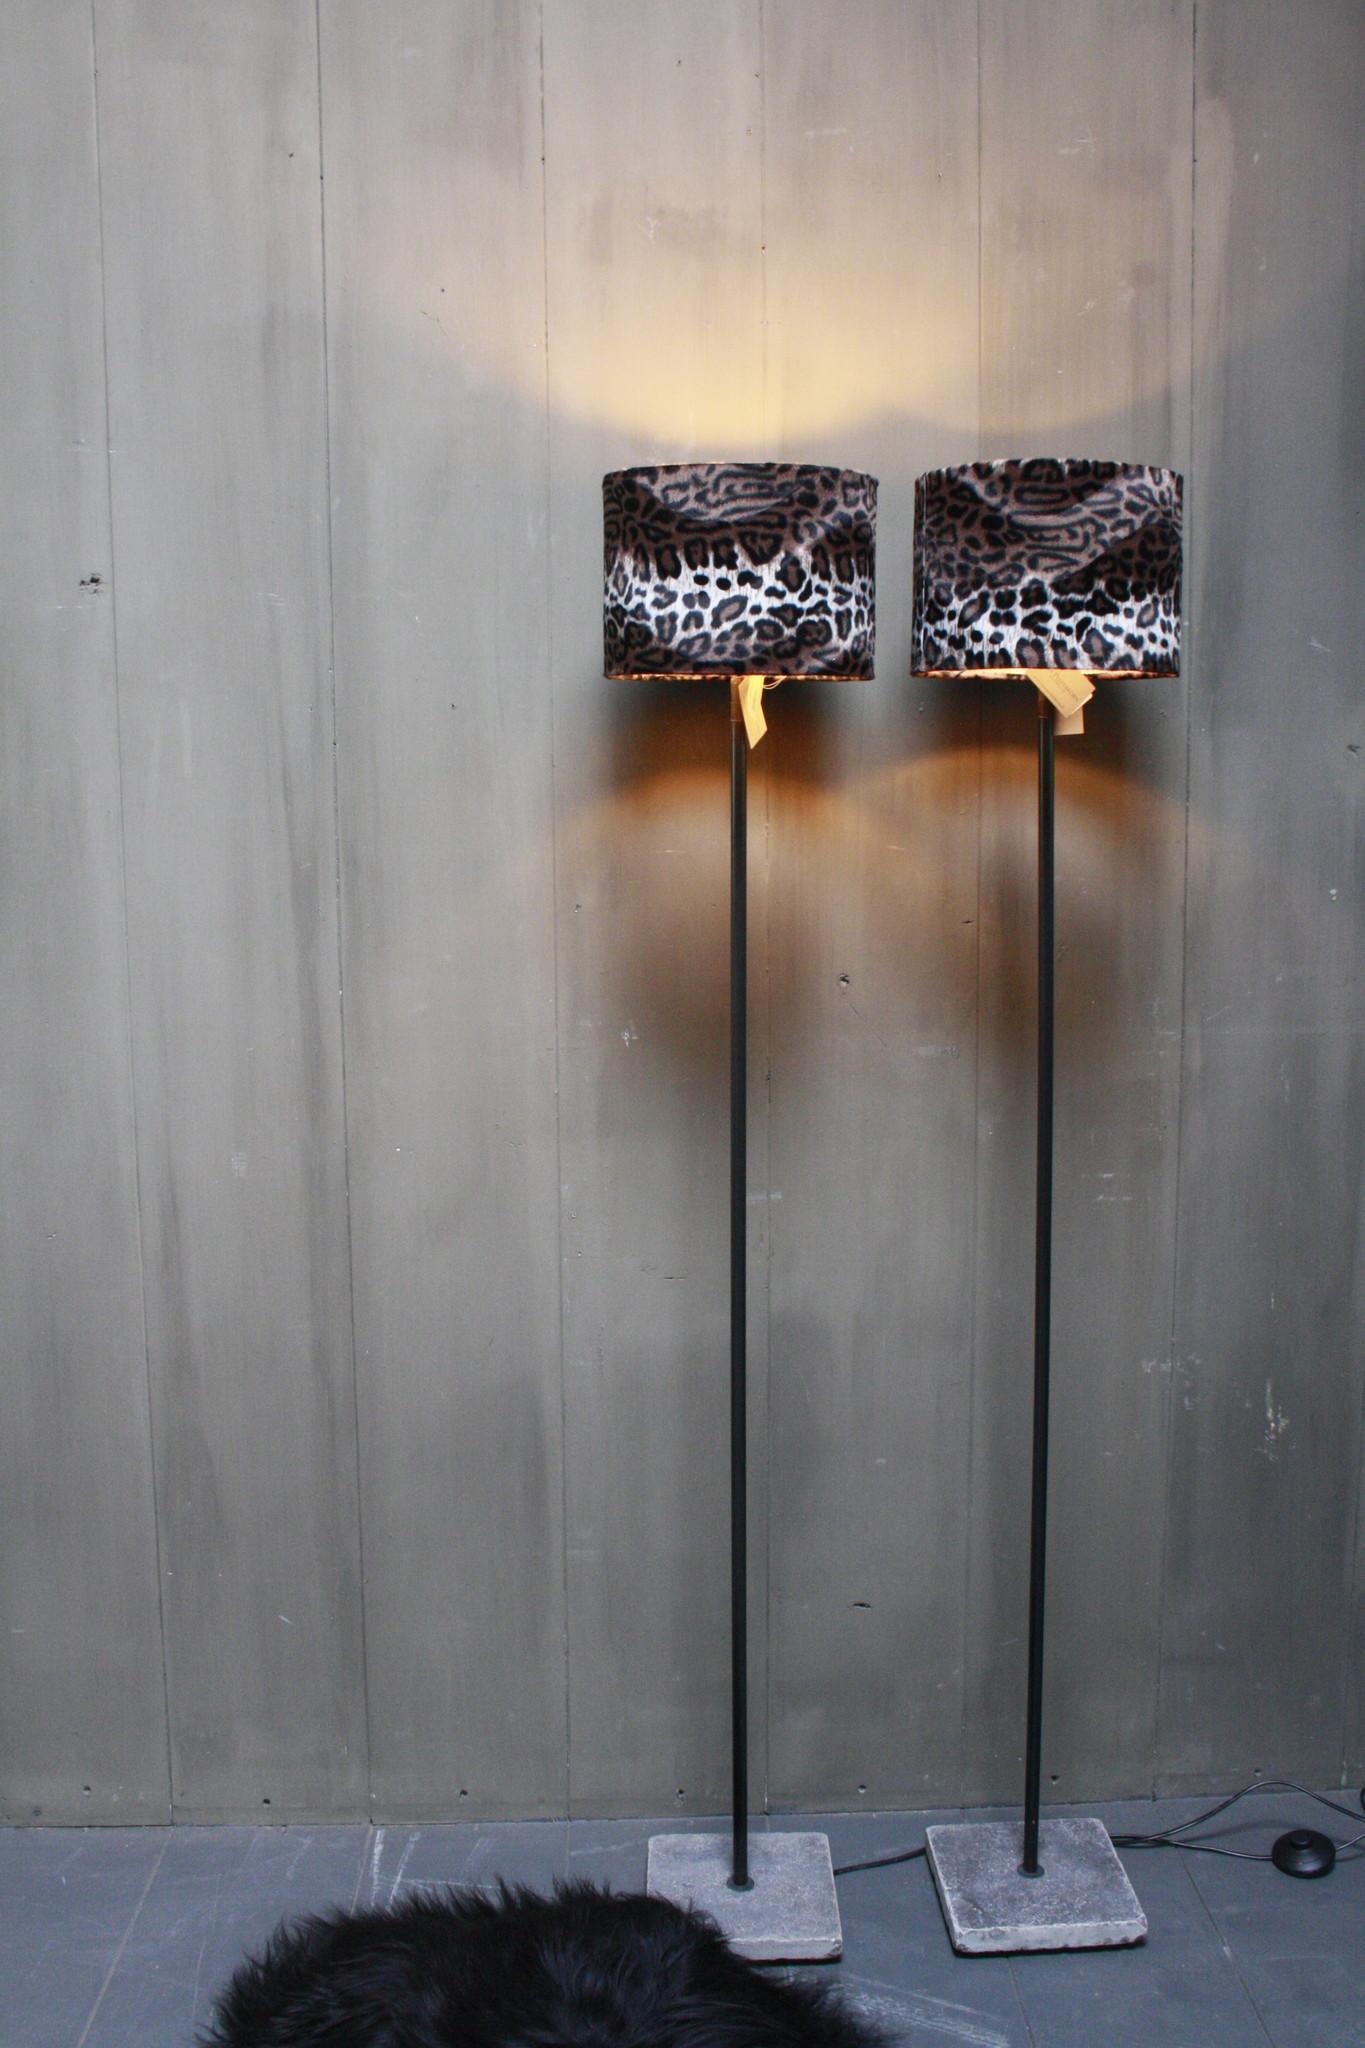 Vloerlamp 120 cm velvet luipaard/panterprint + natuurstenen voet-1